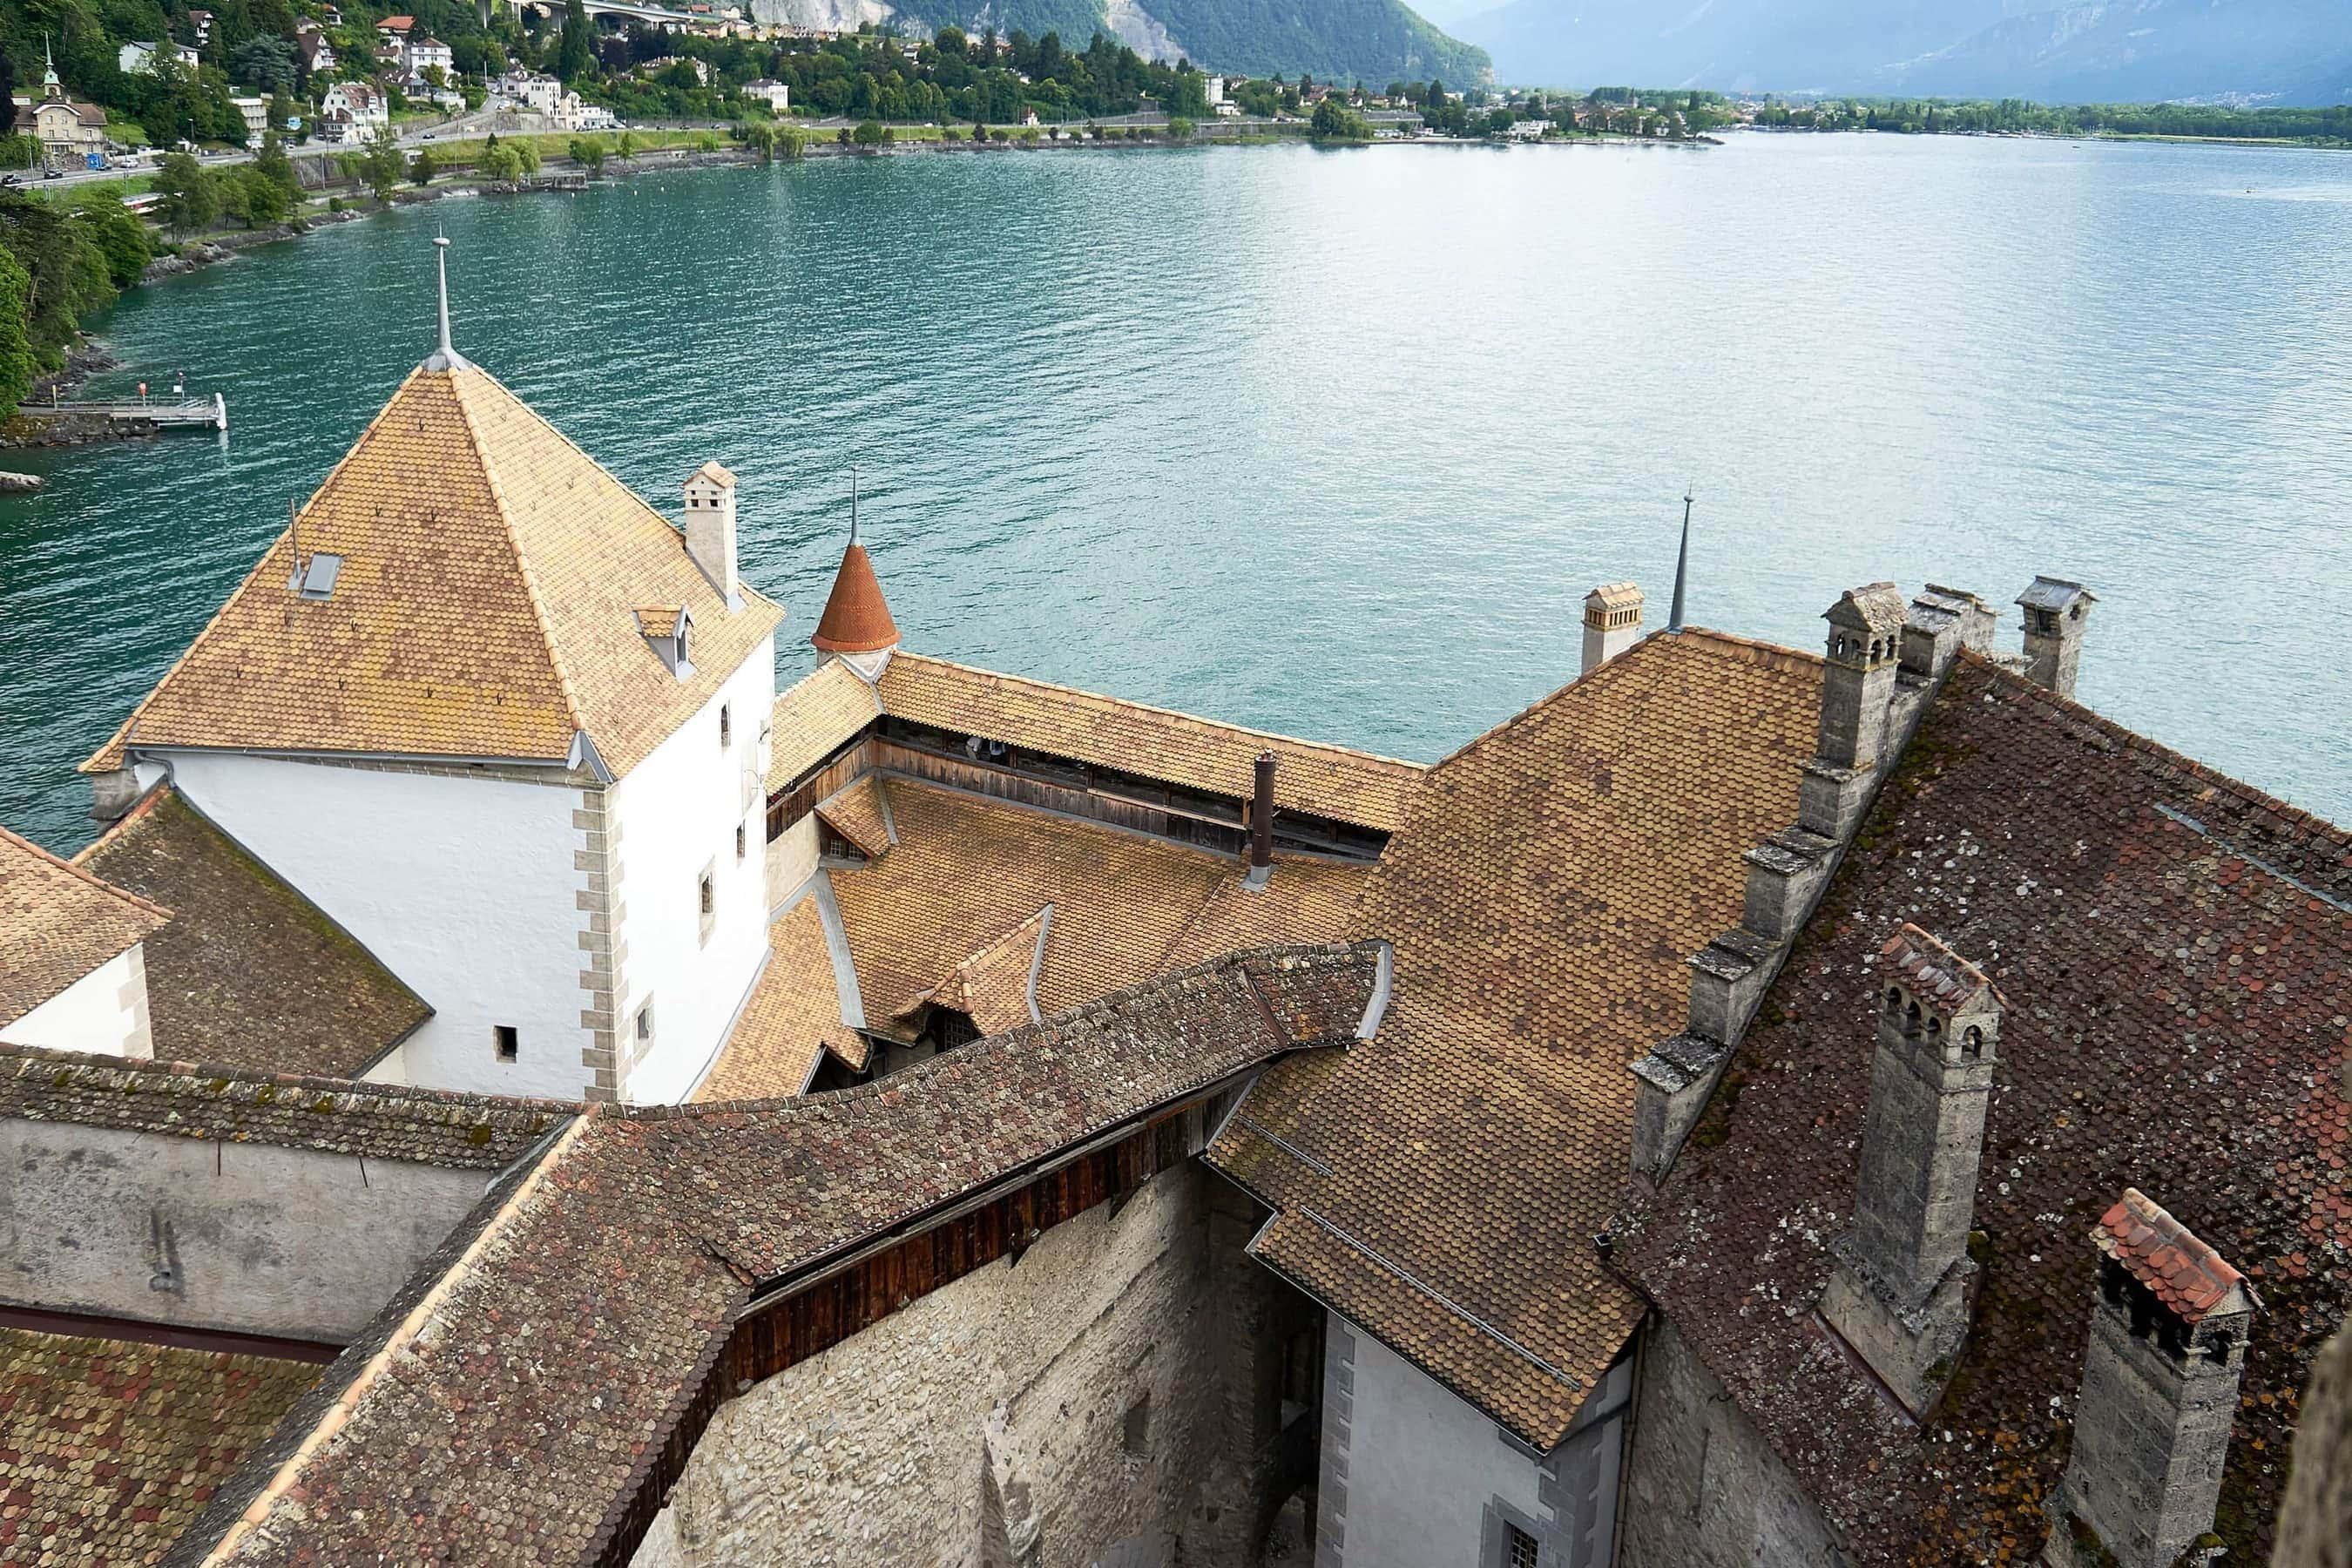 Blick auf die Dächer des Schlosses Chillon und den Gefersee vom höchsten Turm